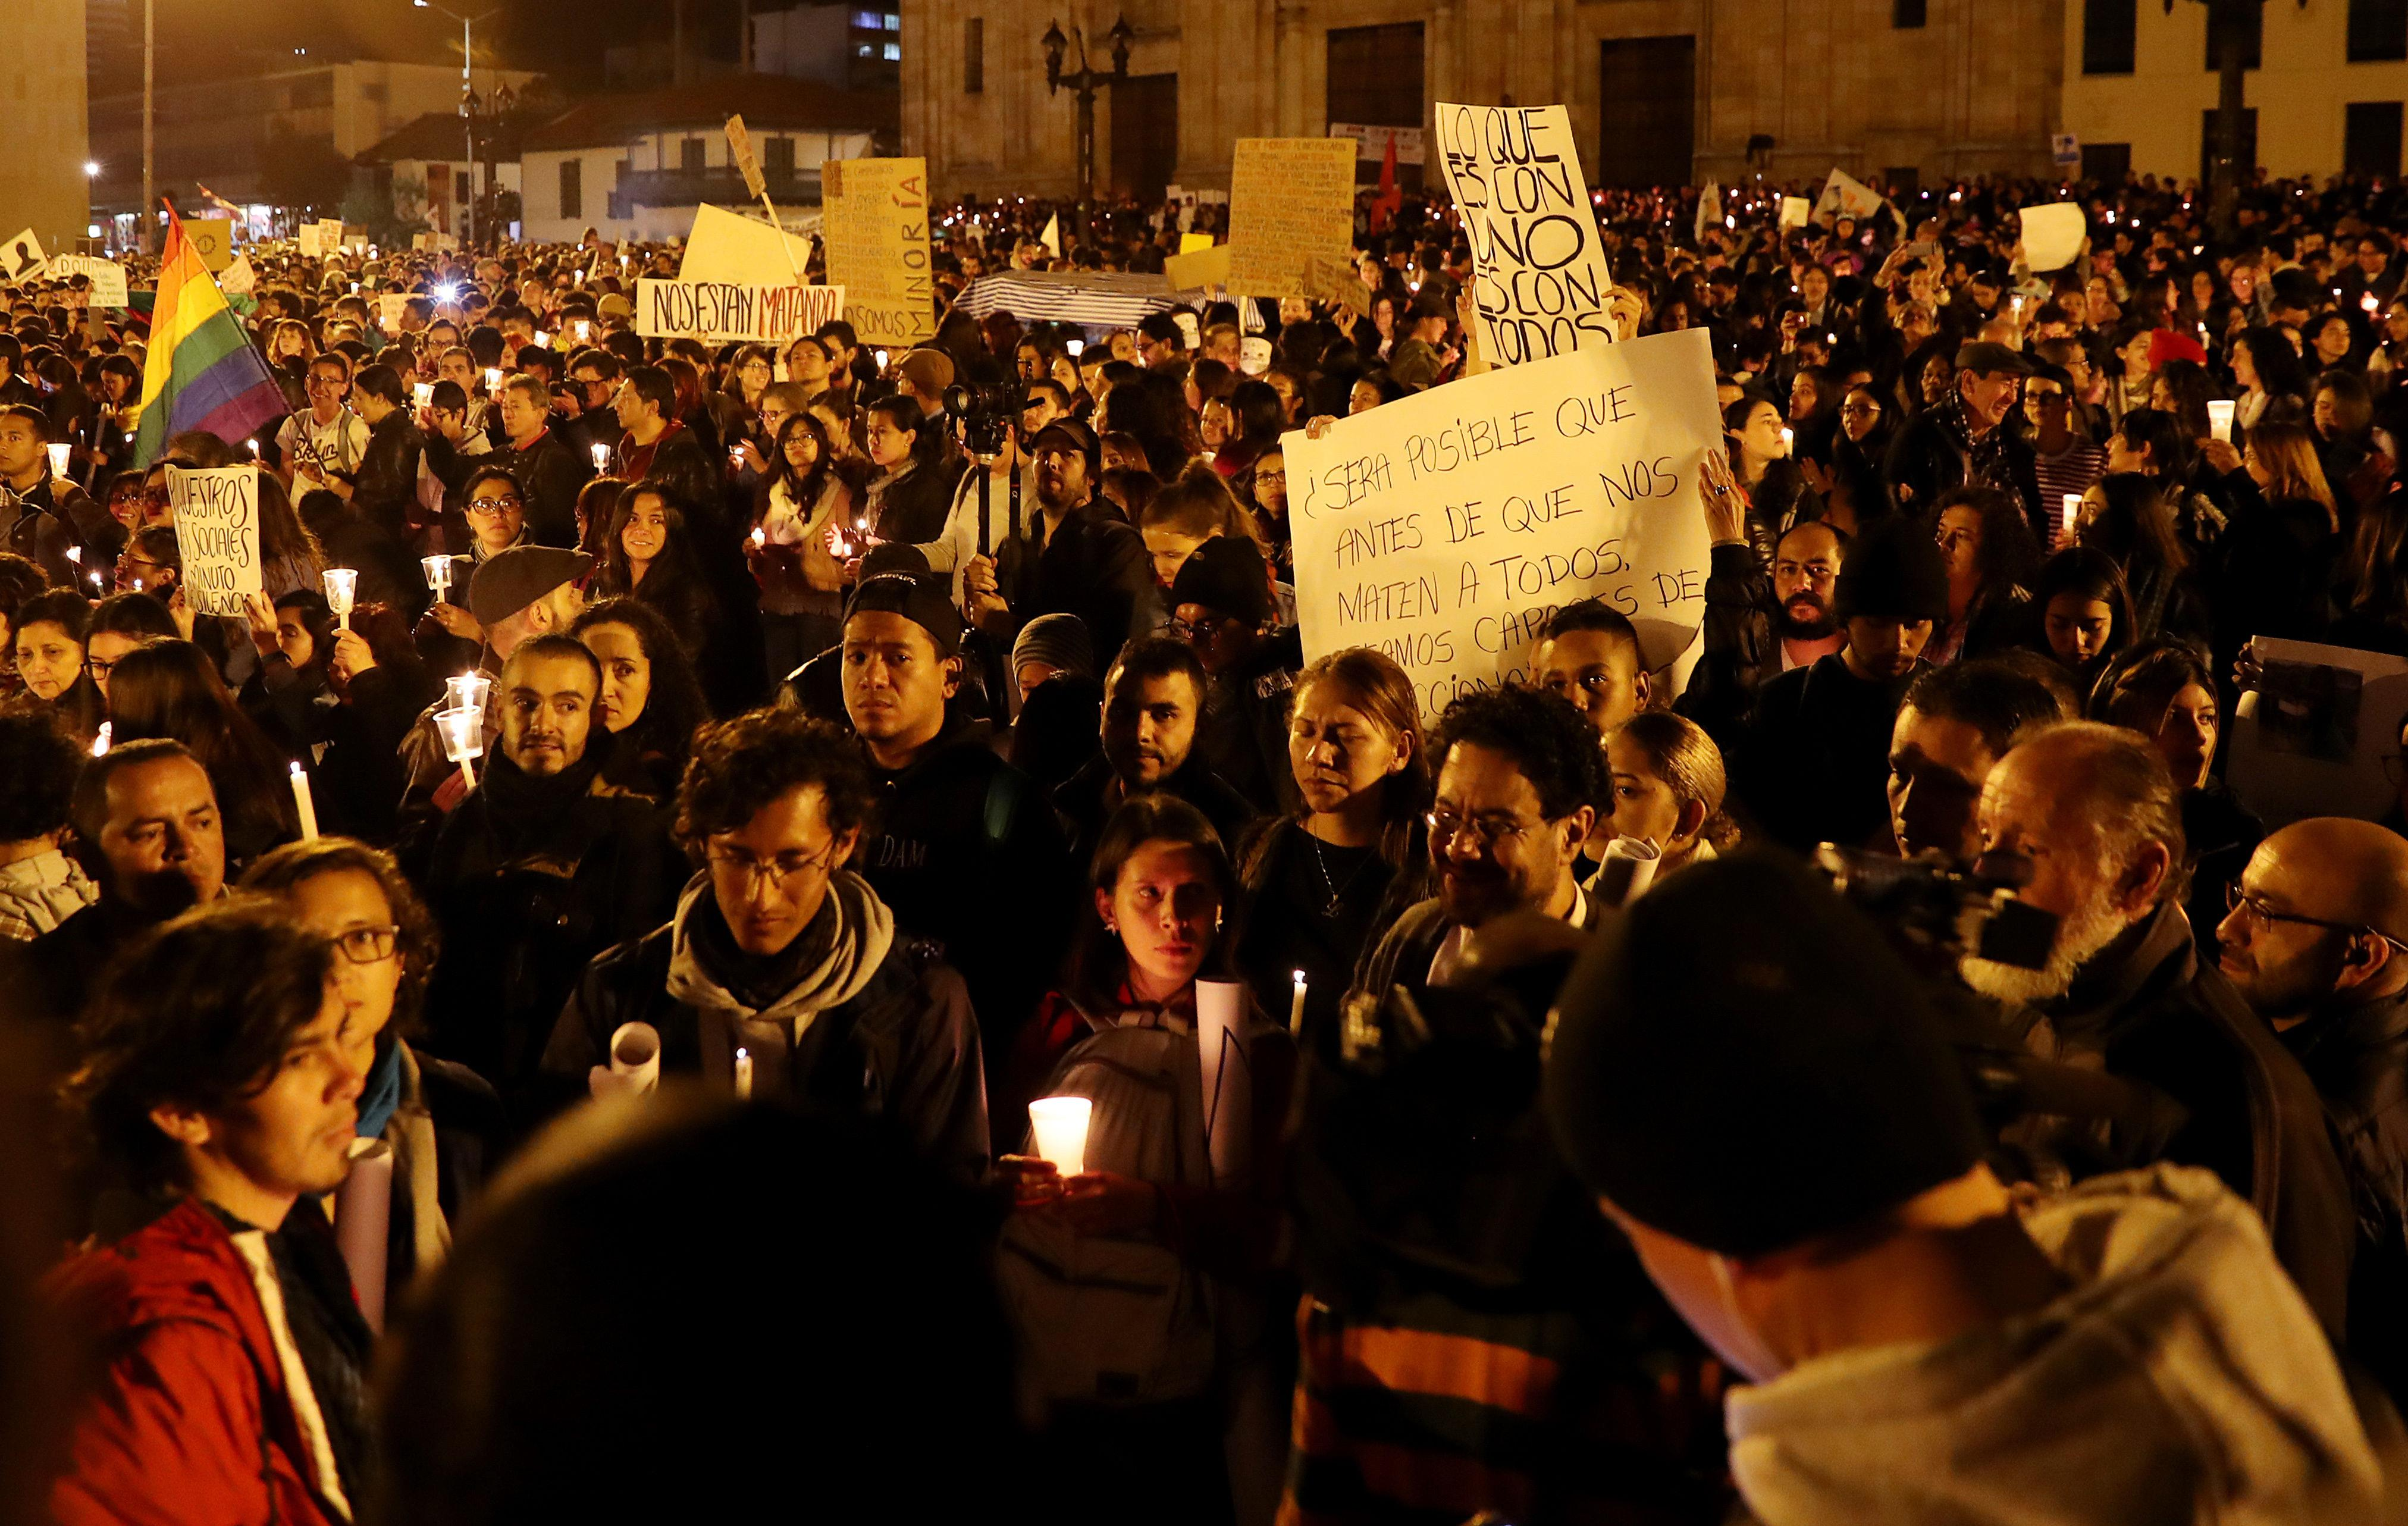 Cooperantes en Colombia rechaza asesinatos de líderes sociales